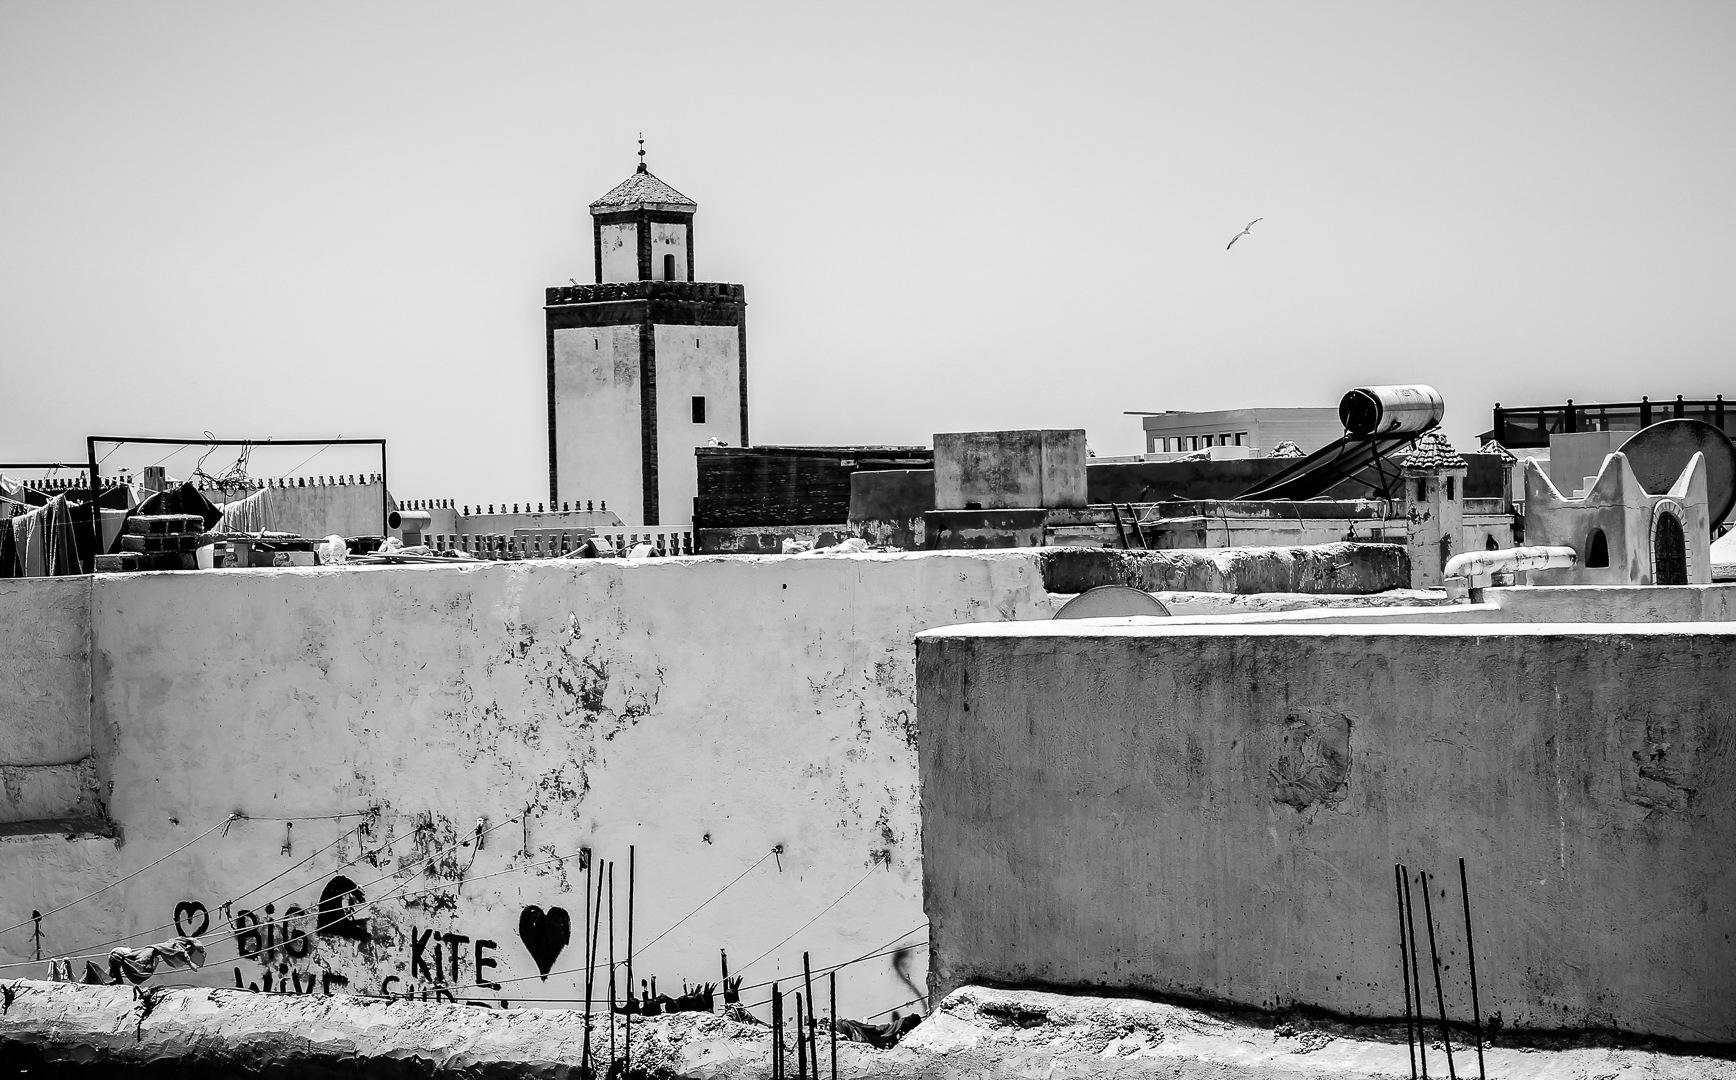 Essaouira - Morocco by rachidazzouzy